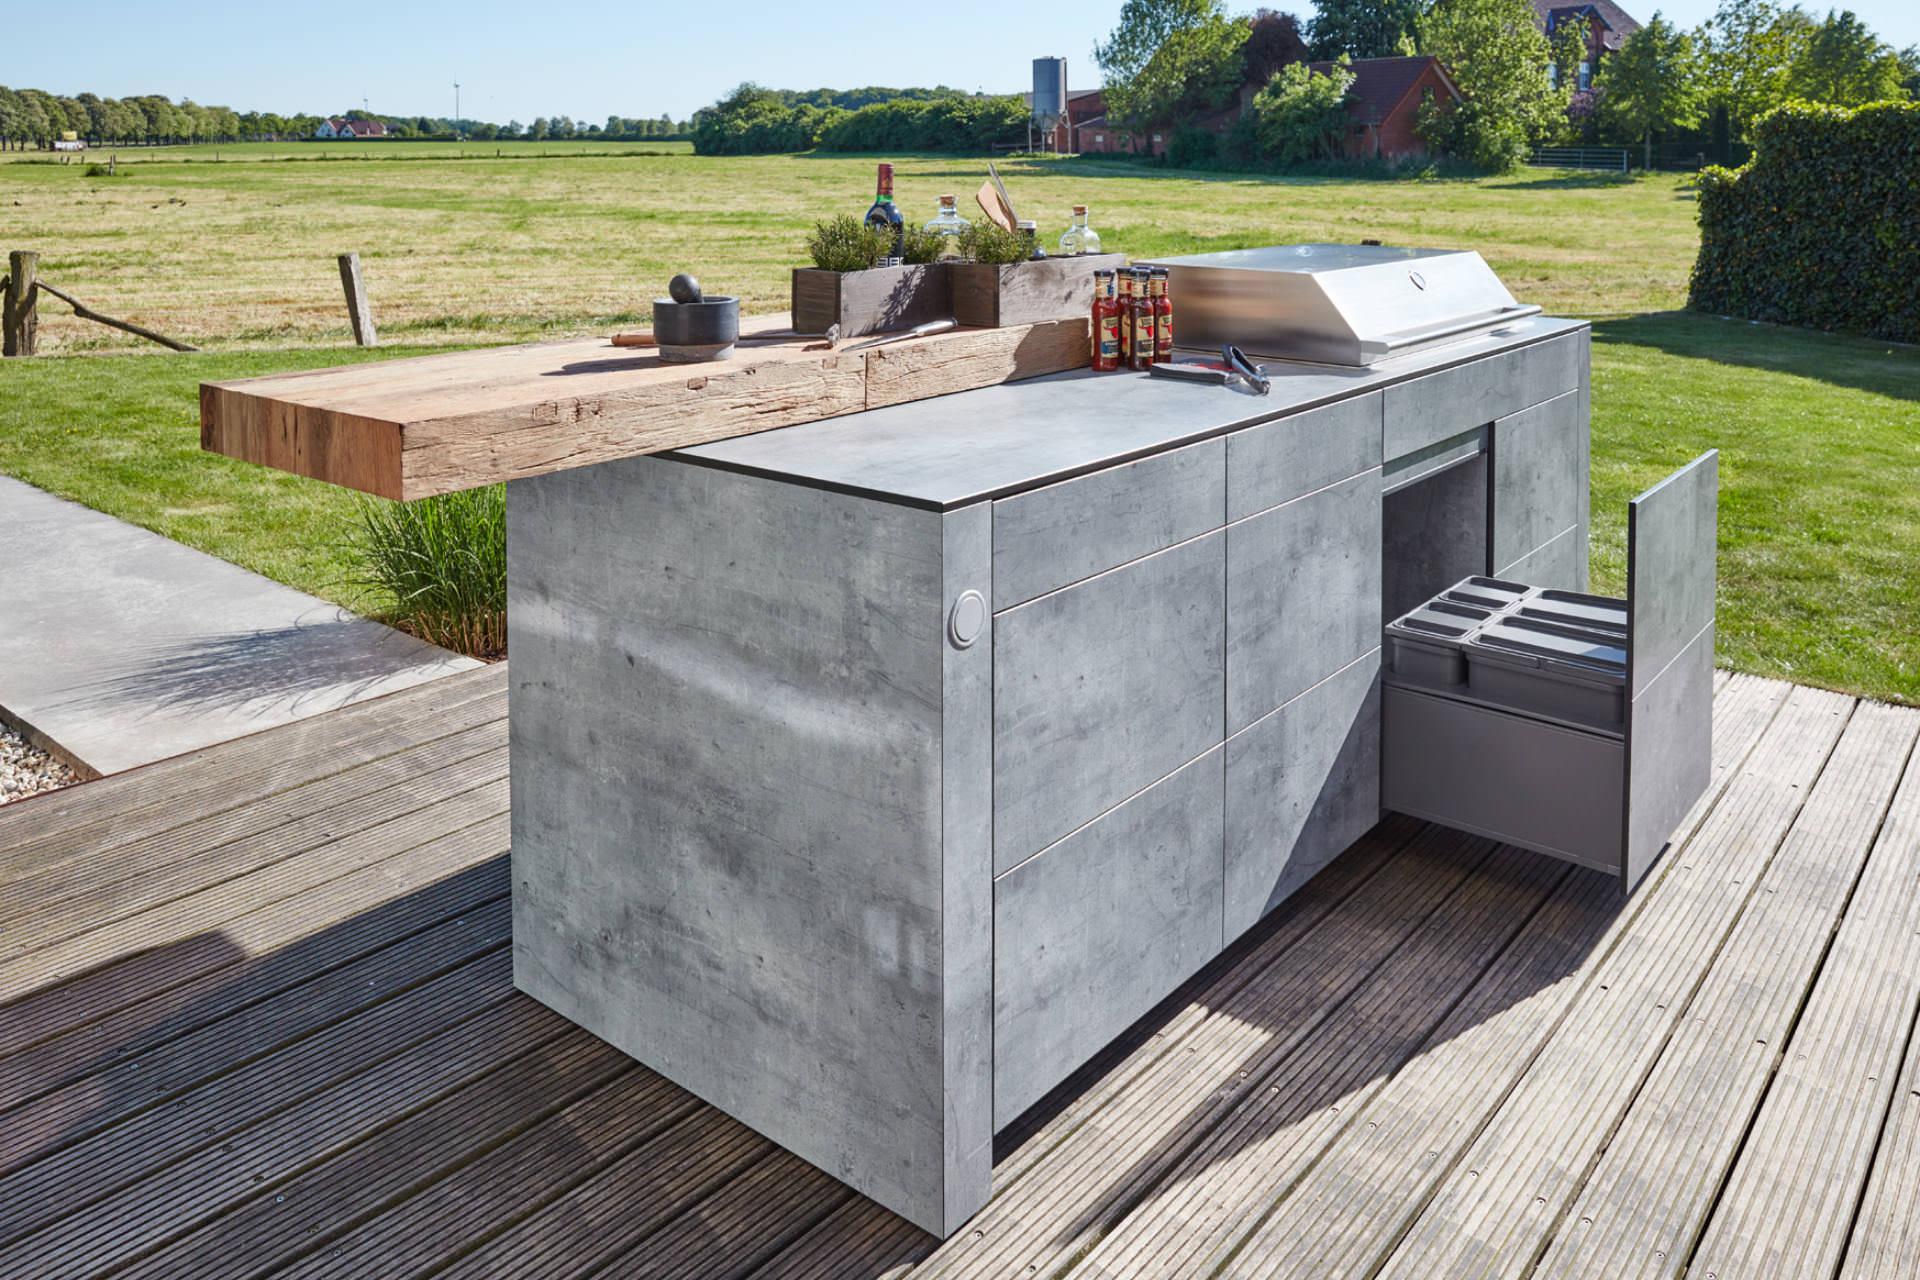 Outdoorküche Mit Kühlschrank Preis : Ronda spa outdoor küche stauraum kühlschrank offen youtube